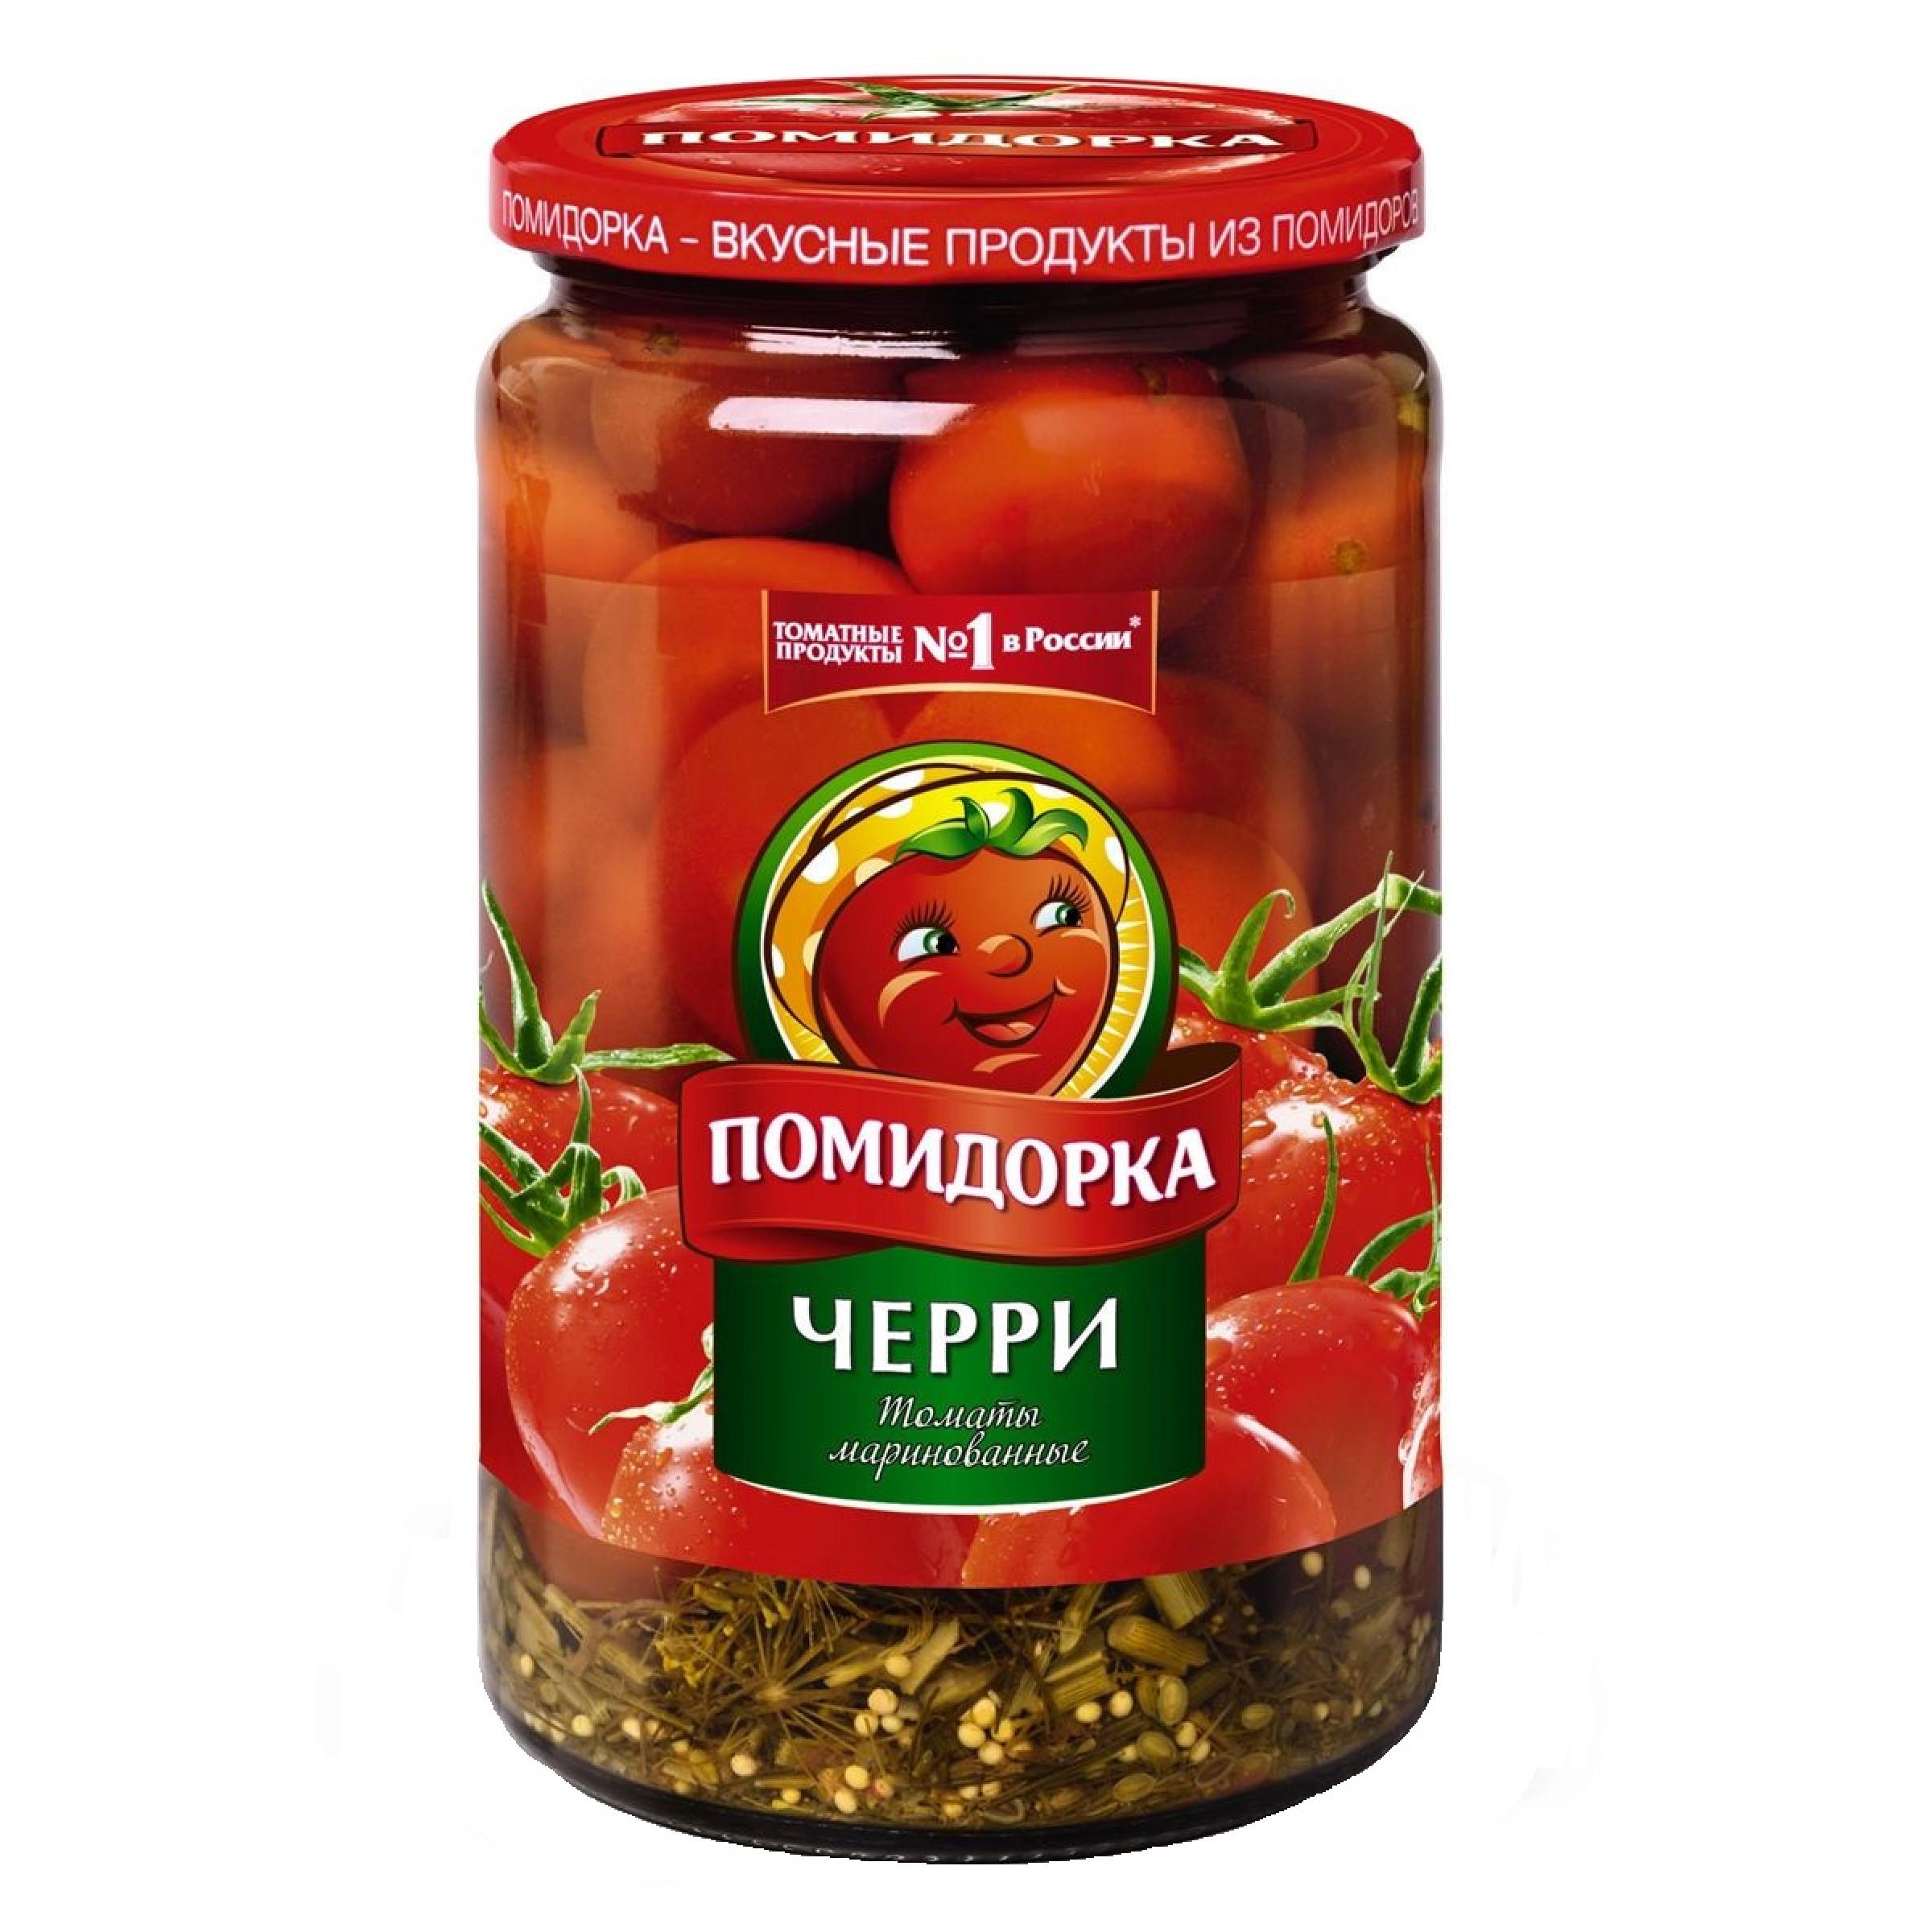 """Томаты маринованные Черри """"Помидорка"""", 720гр"""